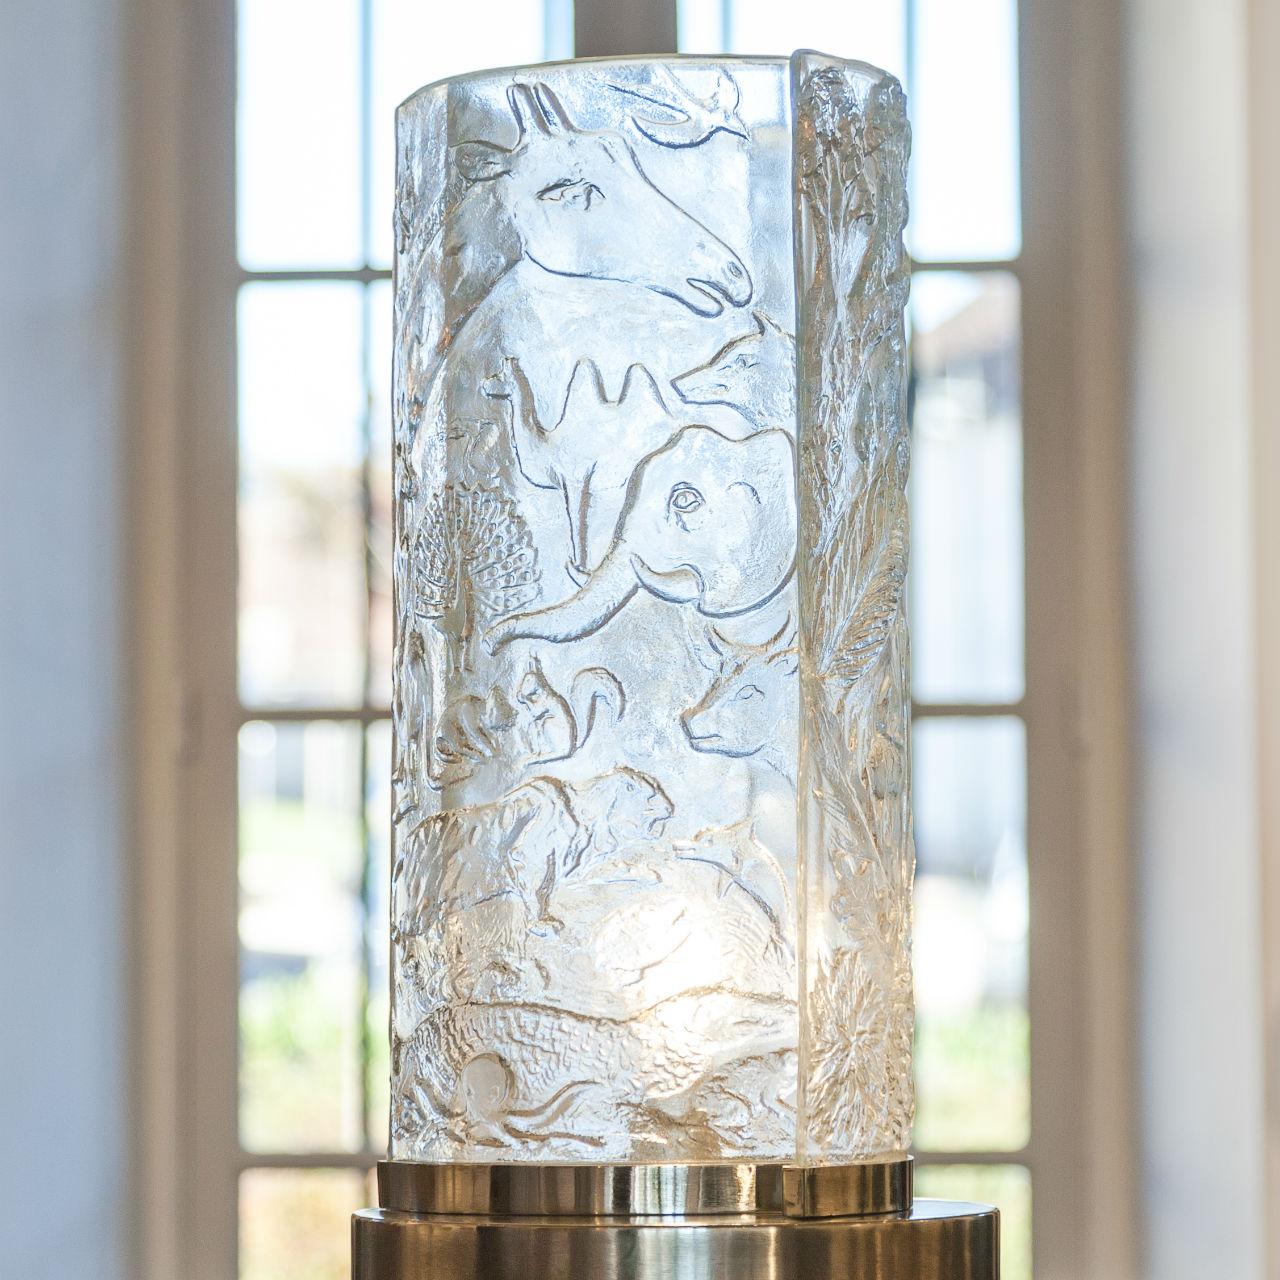 Lampe Trois règnes - Règne animal - par Arthylé by Natacha MONDON & Eric PIERRE